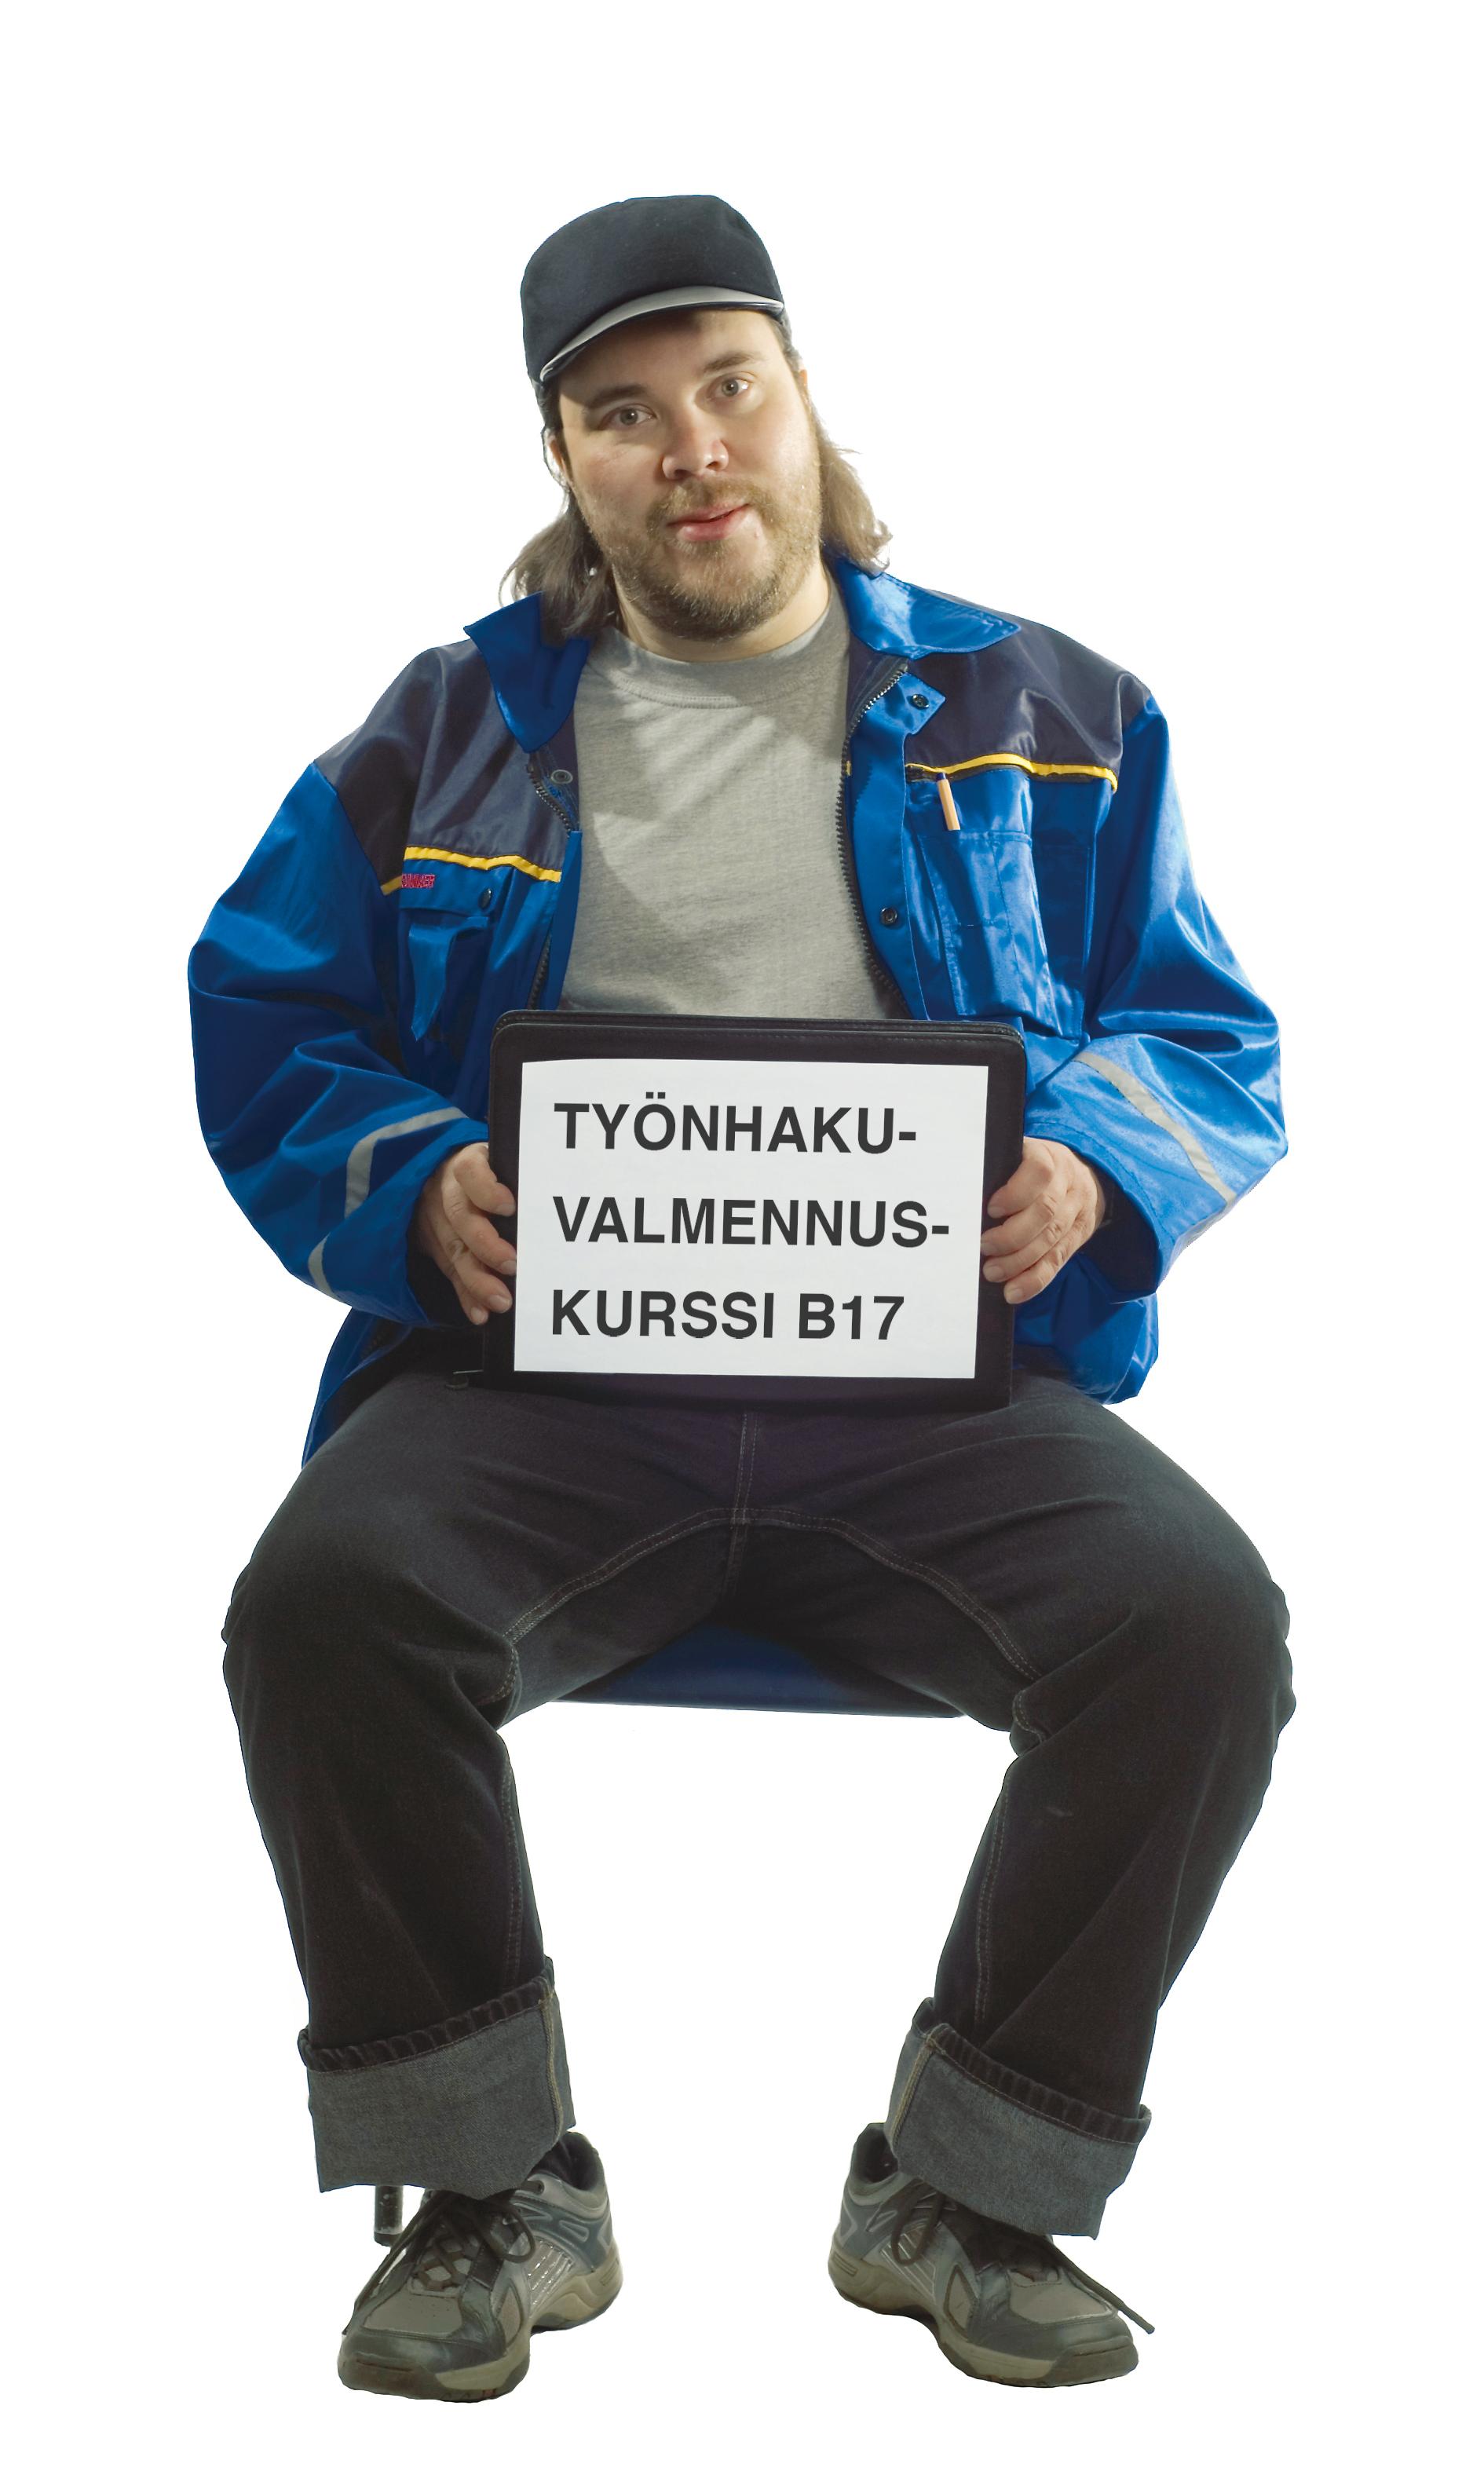 Heikki Räsänen